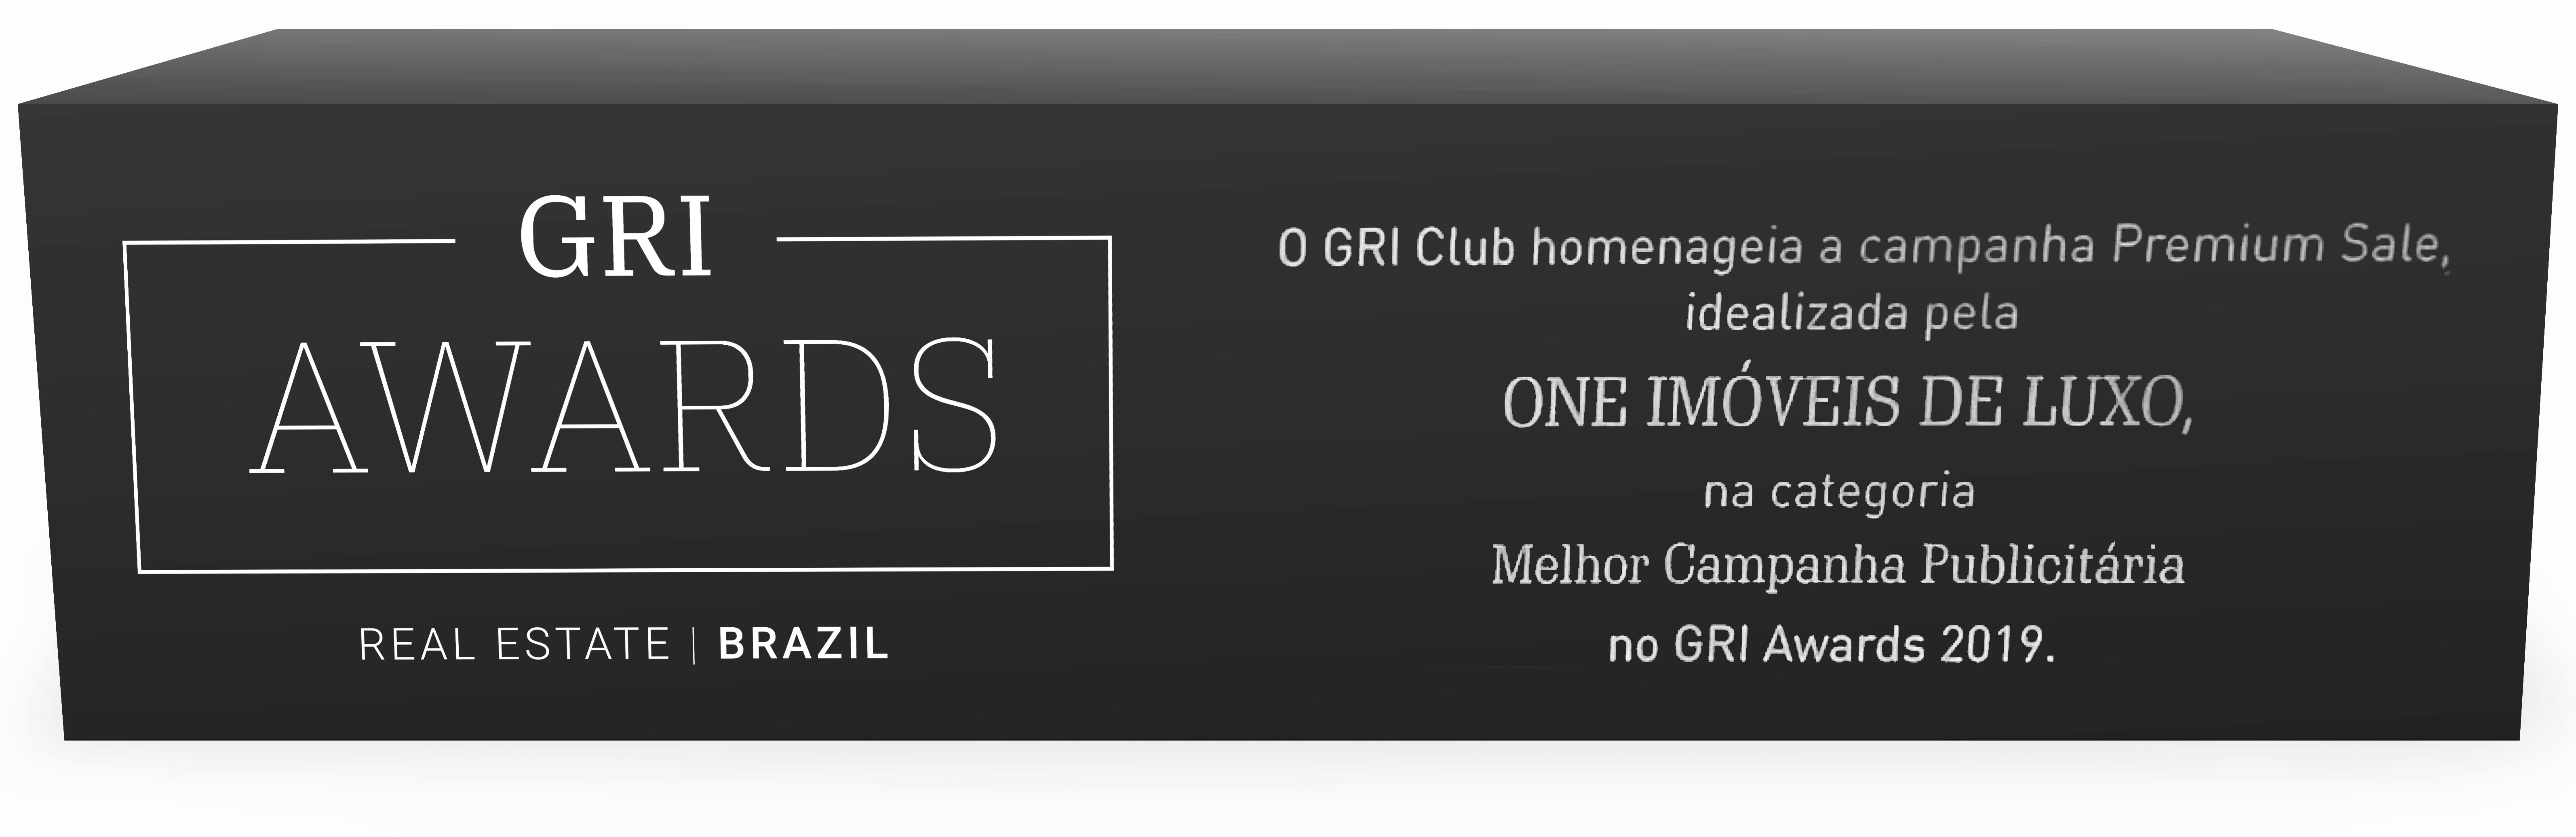 O GRI Club homenageia a campanha Premium Sale, idelizada pela One Imóveis de Luxo, na categoria Melhor Campanha Publicitária no GRI Awards 2019.